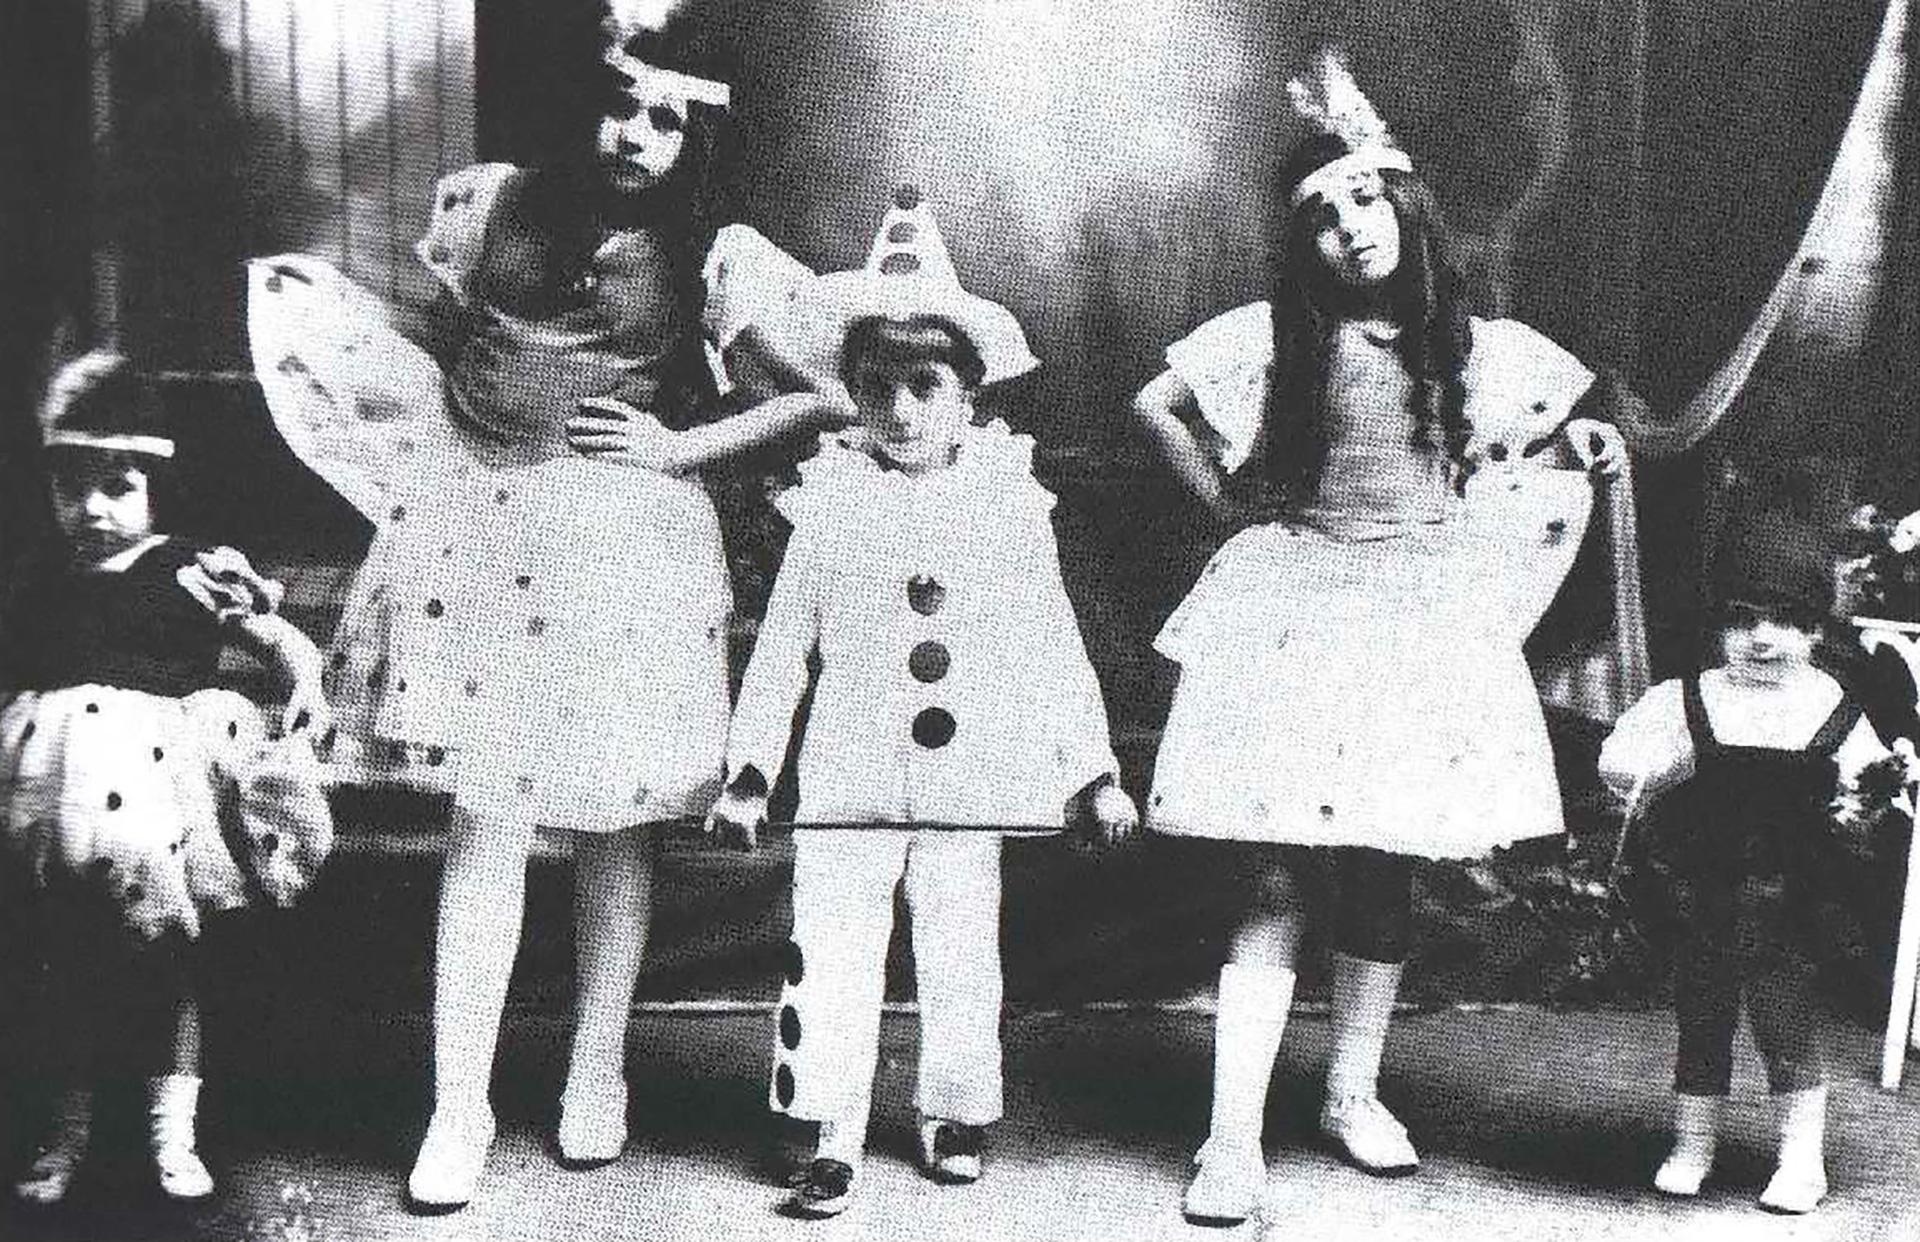 Evita (izq) con sus hermanos mayores en el carnaval de 1921. Eva fue la menor de los cinco hijos de Juana Ibarguren. Sus hermanos mayores eran: Elisa, Blanca, Juan y Erminda. Su padre era un patrón de estancias respetado, próspero, con una familia de ascendencia en Chivilcoy, donde residía su esposa legítima, Adela D'Huart, y donde el 8 de enero de 1926 murió a consecuencia de un siniestro vial. Eva tenía por entonces seis años